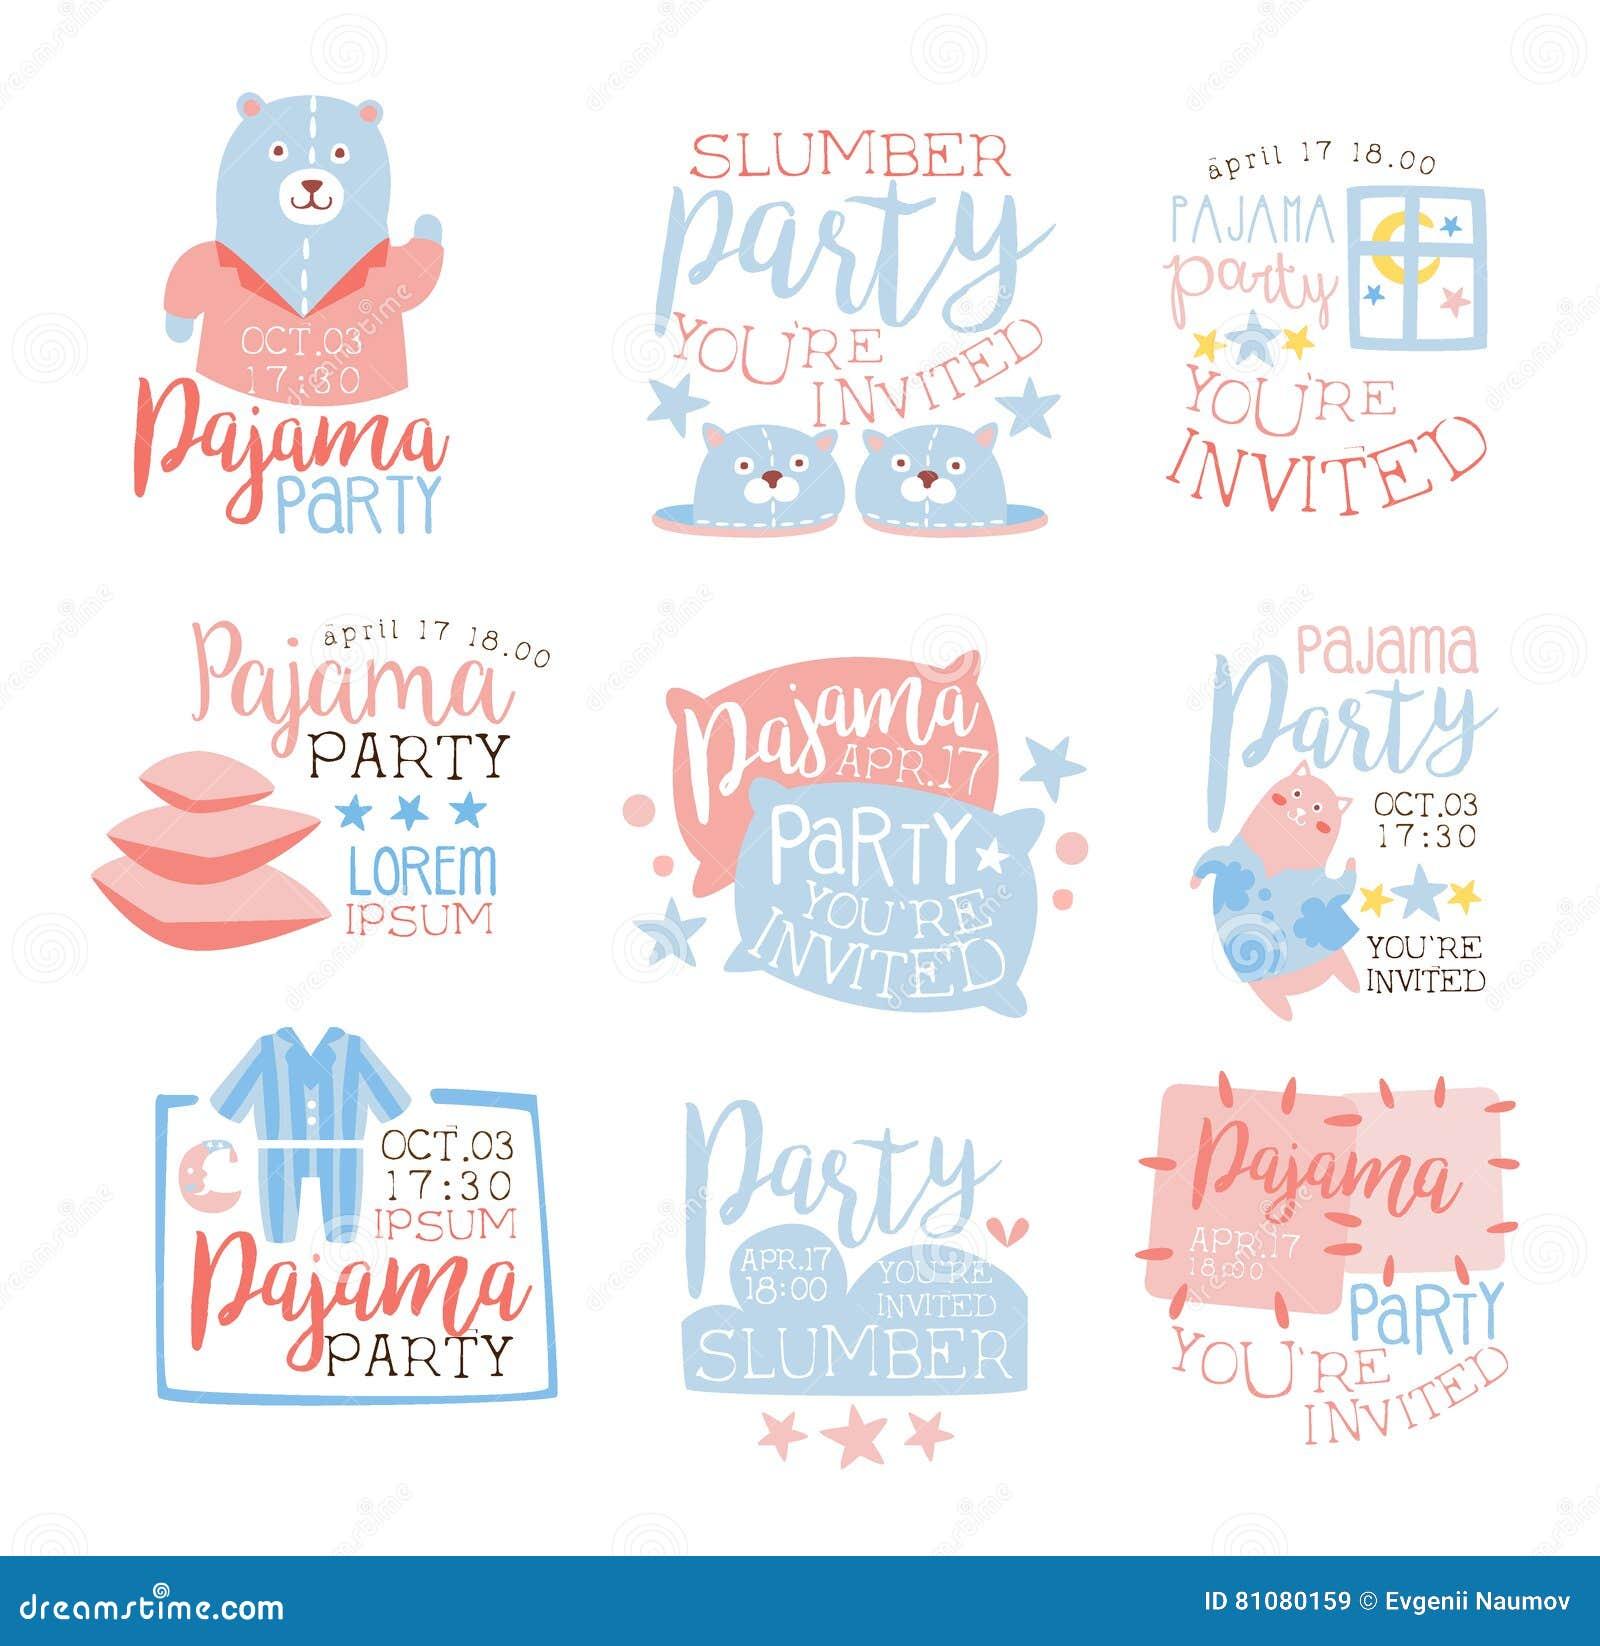 Пинк и голубыми Girly дети приглашения партии пижамы установленные шаблонами приглашая для карточек Sleepover Pyjama бездействия